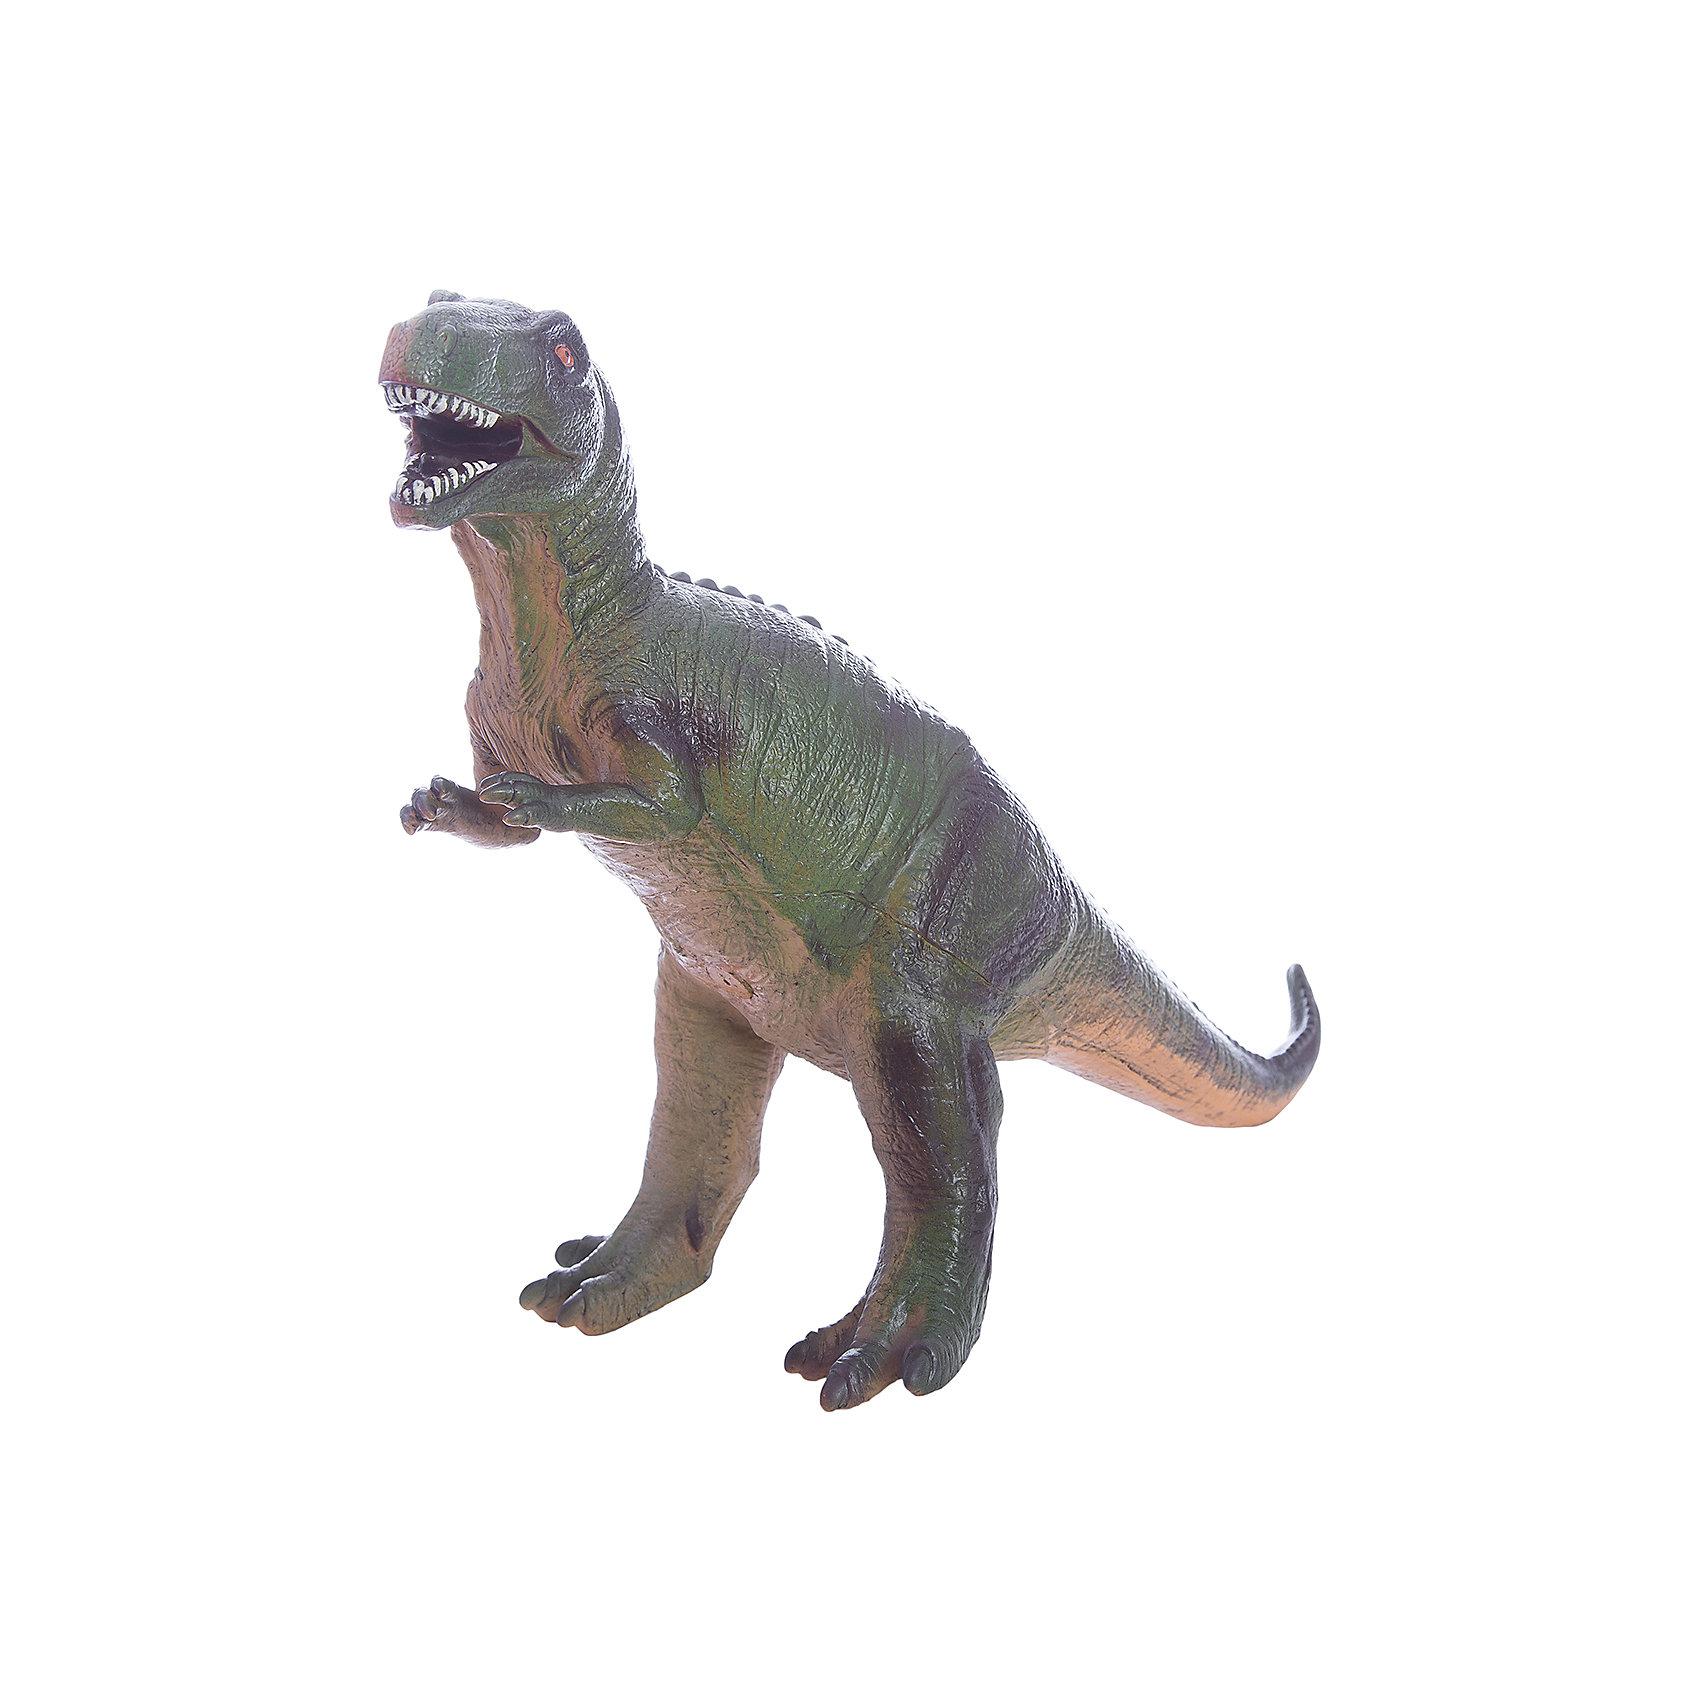 Фигурка динозавра Мегалозавр, HGLДраконы и динозавры<br>Детей всех возрастов привлекают фильмы и рассказы о доисторических временах и чудесных динозаврах, населявших Землю до возникновения человека. Подстегните фантазию юного любителя древностей - подарите ему динозавра из серии игрушек HGL. Специалисты компании создавали игрушки максимально похожими на своих прародителей, поэтому динозавры HGL такие интересные. Мегалозавр - фигурка огромного доисторического ящера. Он достигал в длину 9 метров, обладал огромной челюстью и по мнению ученых, питался другими динозаврами. Мегалозавр был очень быстрым, благодаря тому, что легко передвигался на задних мощных лапах. Он был одним из самых опасных хищников, населявших Землю более 170 миллионов лет тому назад. Ни одна история об эре динозавров невозможна без этого свирепого хищника. Ребенок будет в восторге от такого замечательного подарка. Массивный динозавр сделан из мягкого ПВХ безопасного для ребенка. Внушительные размеры и отличная детализация Мегалозавра помогут ребенку окунуться в далекий и такой манящий доисторический мир, полный приключений.<br><br>Дополнительная информация:<br><br>- Внешний вид фигурки основан на реальных данных палеонтологов;<br>- Материал: ПВХ;<br>- Размер фигурки: 40 см;<br>- Размер упаковки: 35 х 29 х 17 см;<br>- Вес: 750 г<br><br>Фигурку динозавра Мегалозавр, HGL можно купить в нашем интернет-магазине.<br><br>Ширина мм: 350<br>Глубина мм: 290<br>Высота мм: 170<br>Вес г: 750<br>Возраст от месяцев: 36<br>Возраст до месяцев: 192<br>Пол: Унисекс<br>Возраст: Детский<br>SKU: 4135940